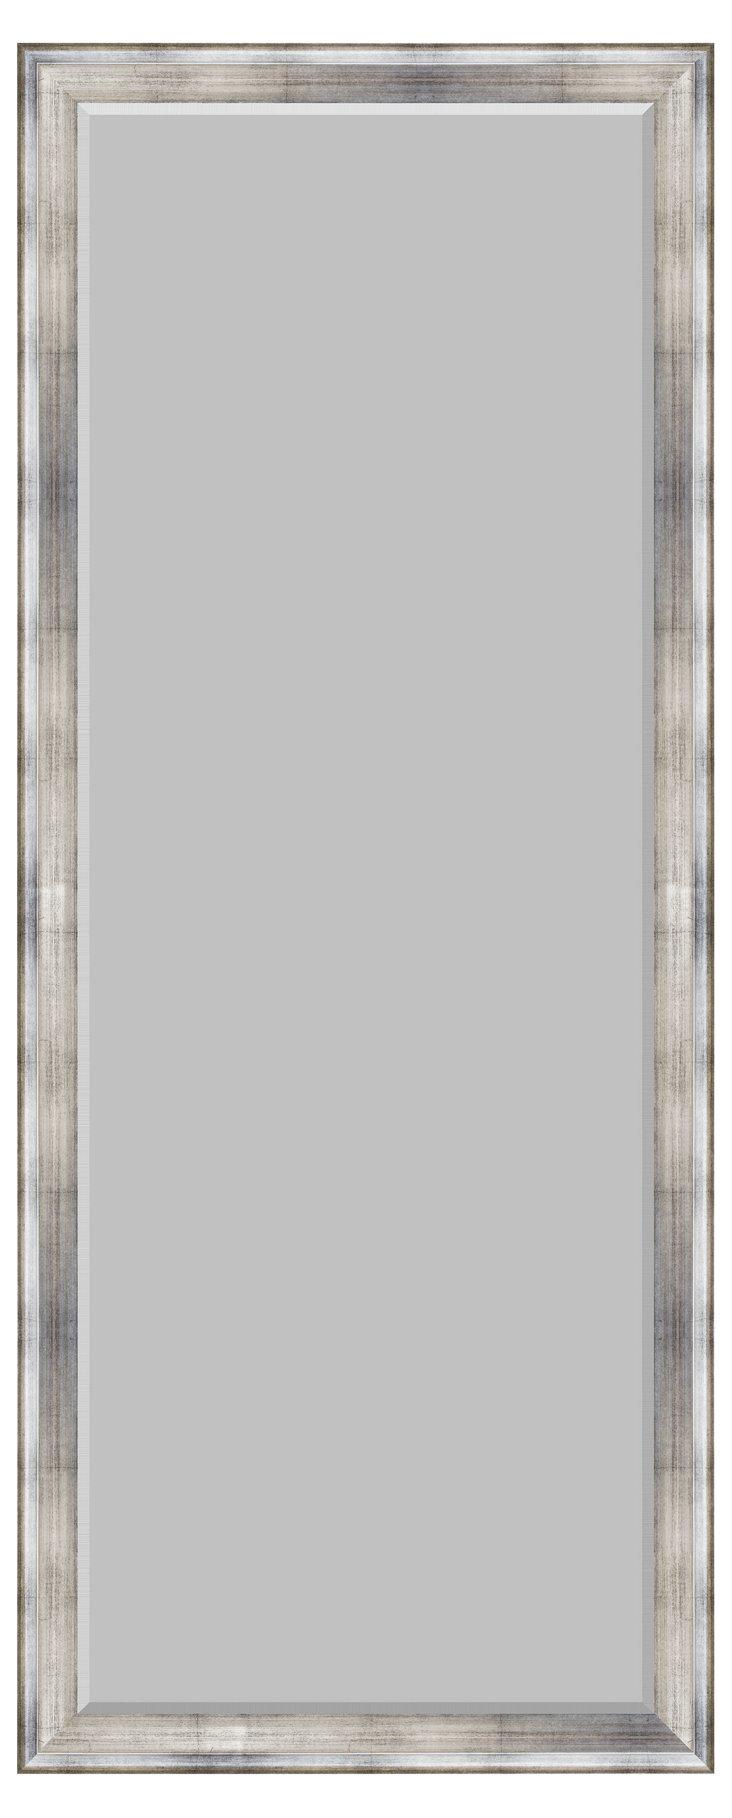 Soren Floor Mirror, Silver